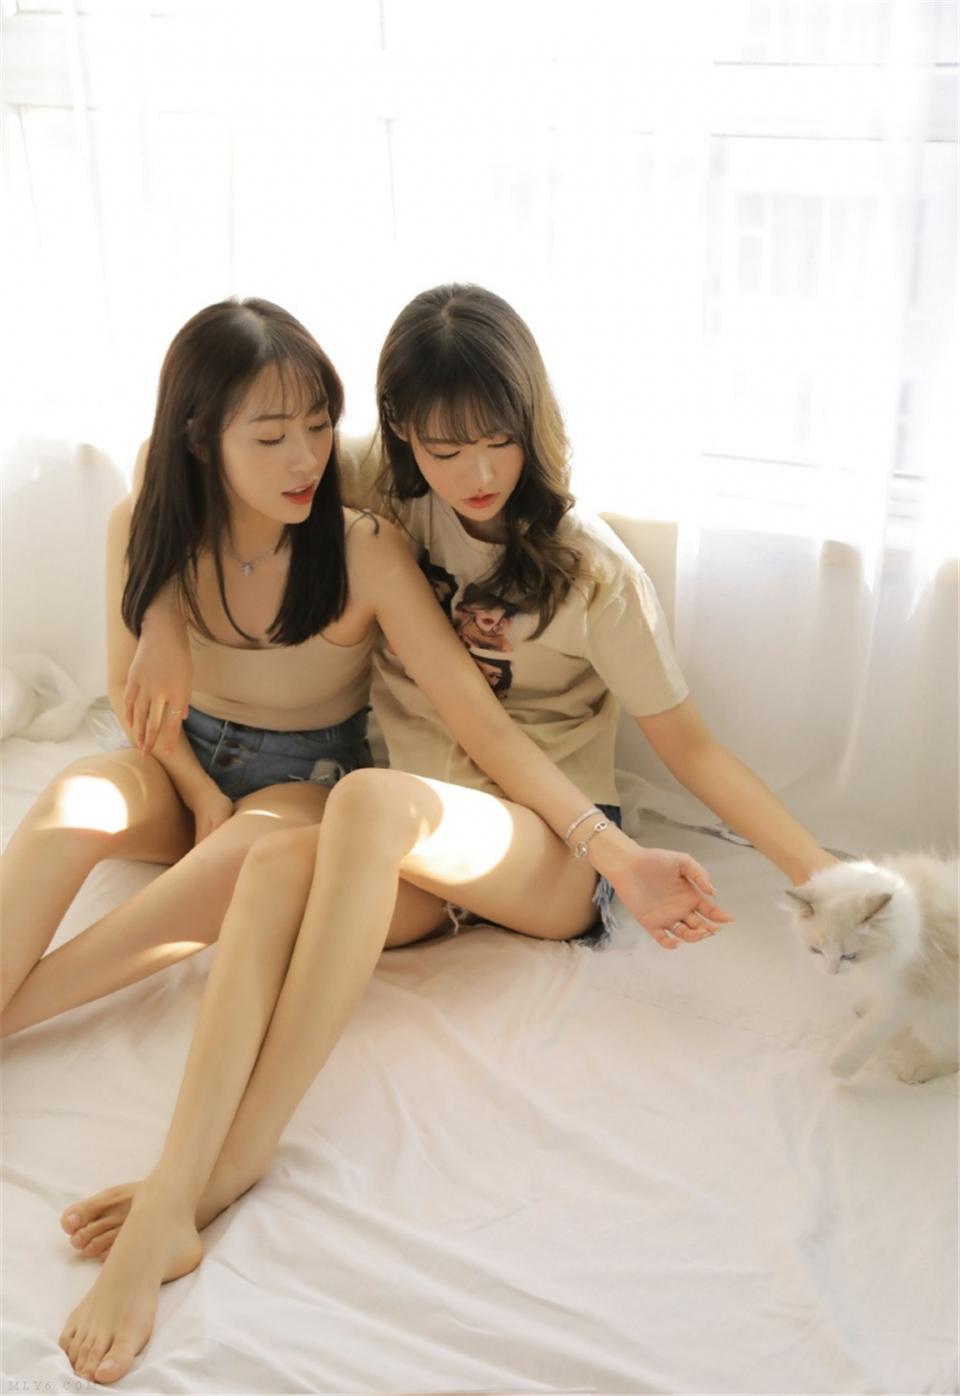 大长腿美女姐妹花床上慵懒美图